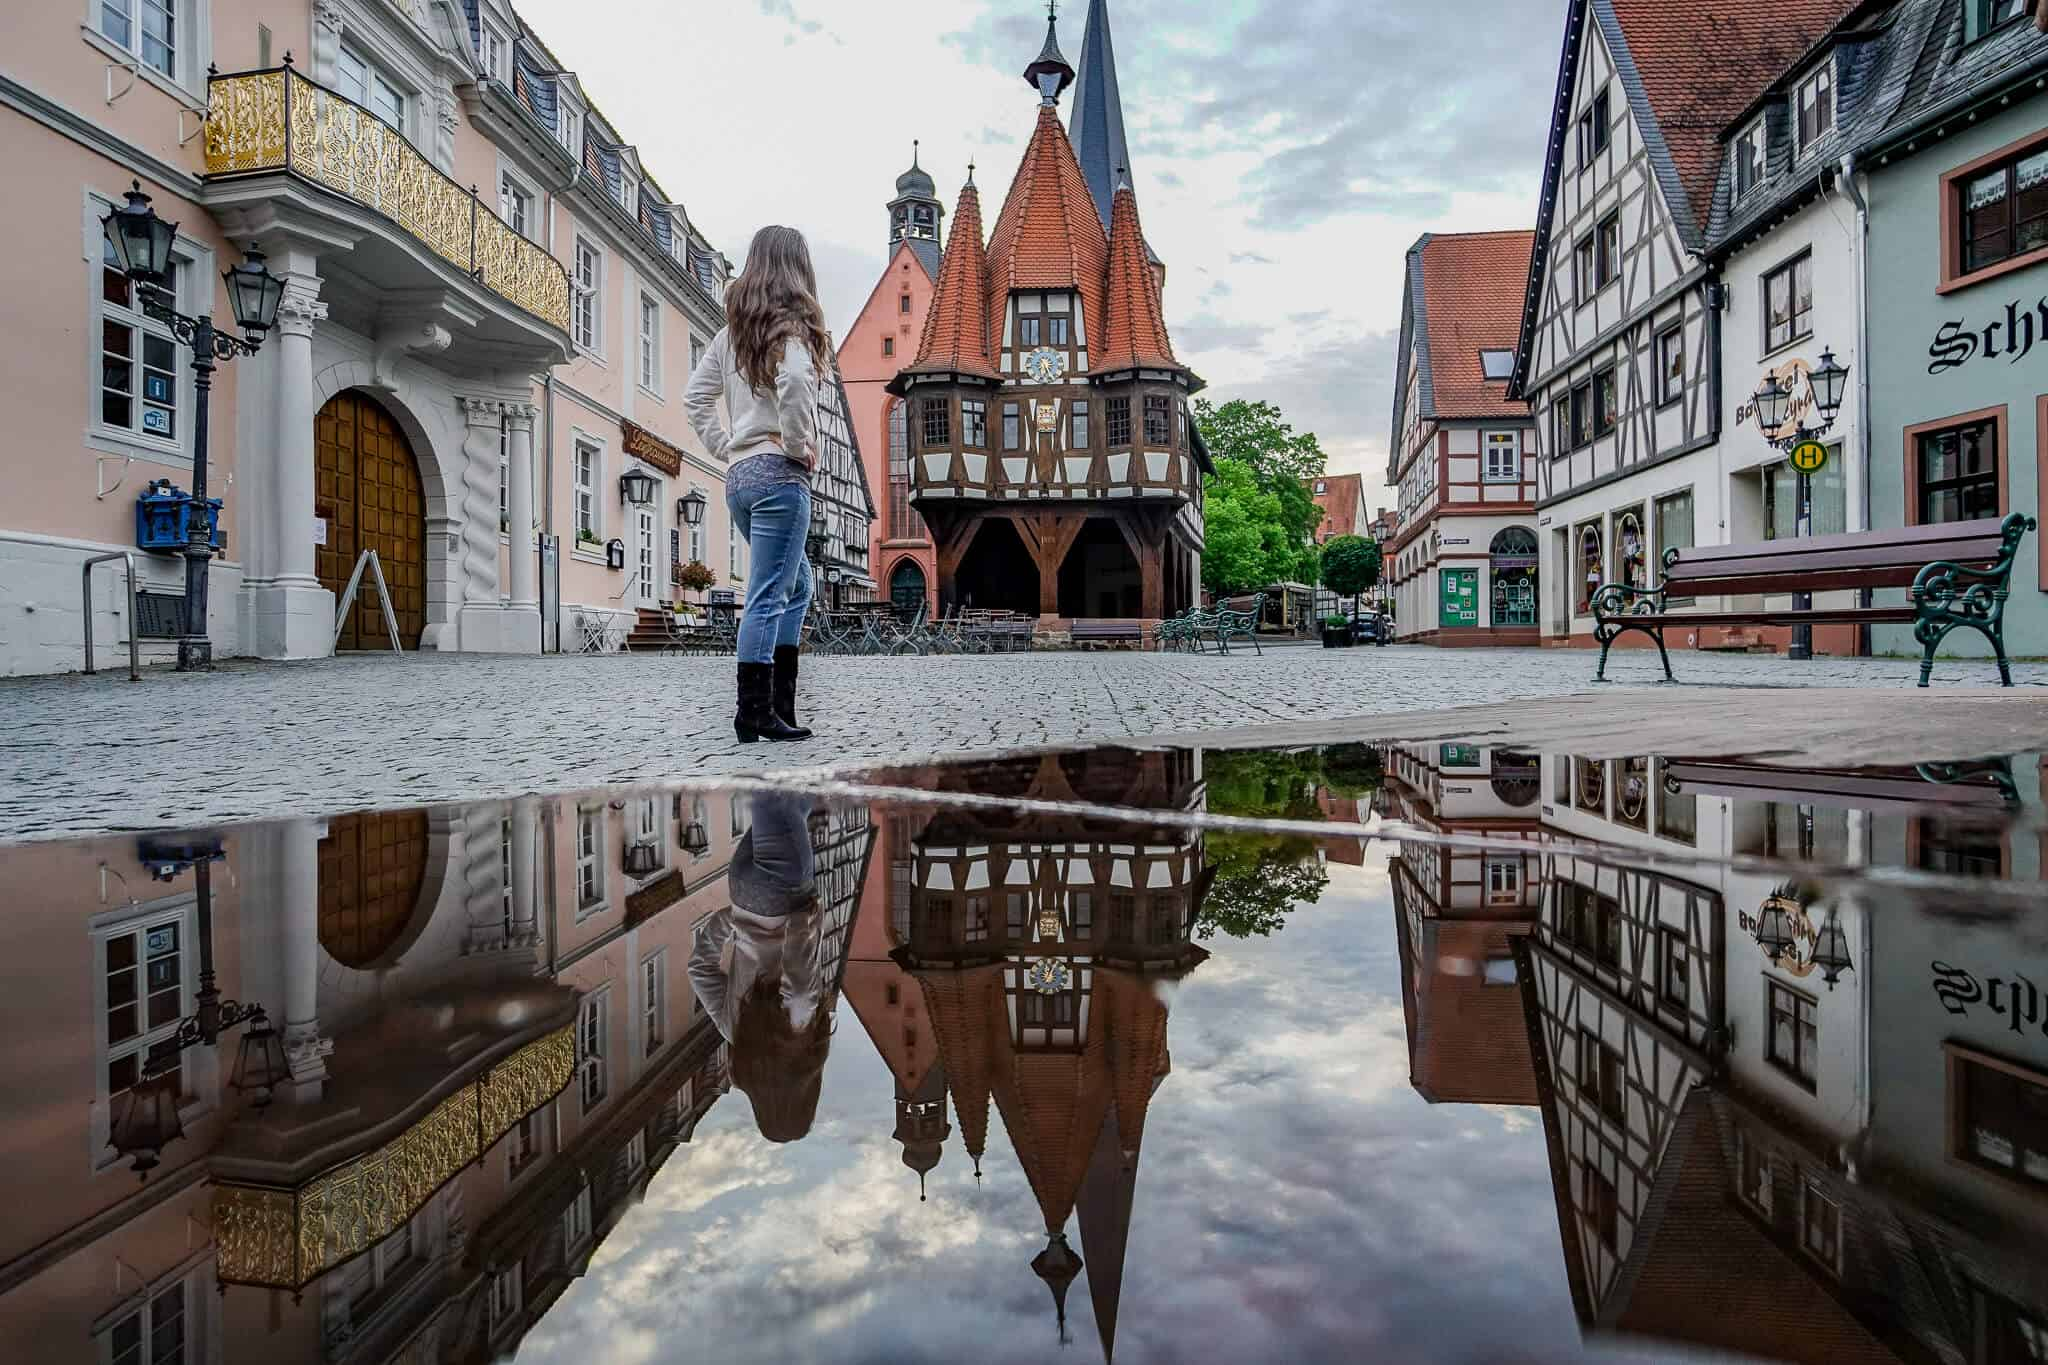 Barbara Spiegelung Historisches Rathaus Michelstadt